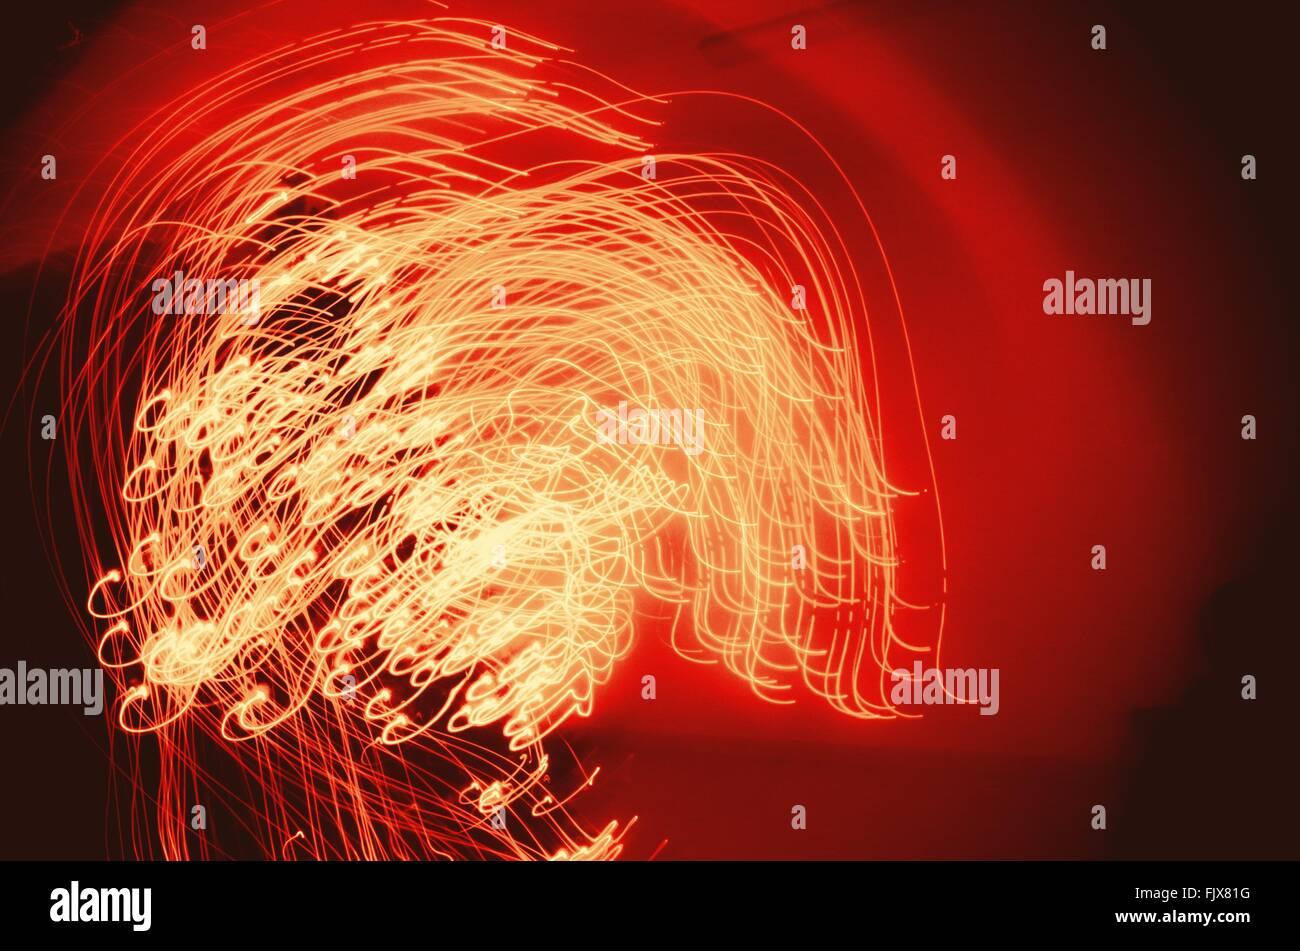 Imagen abstracta de estelas de luz iluminada durante la Navidad Imagen De Stock